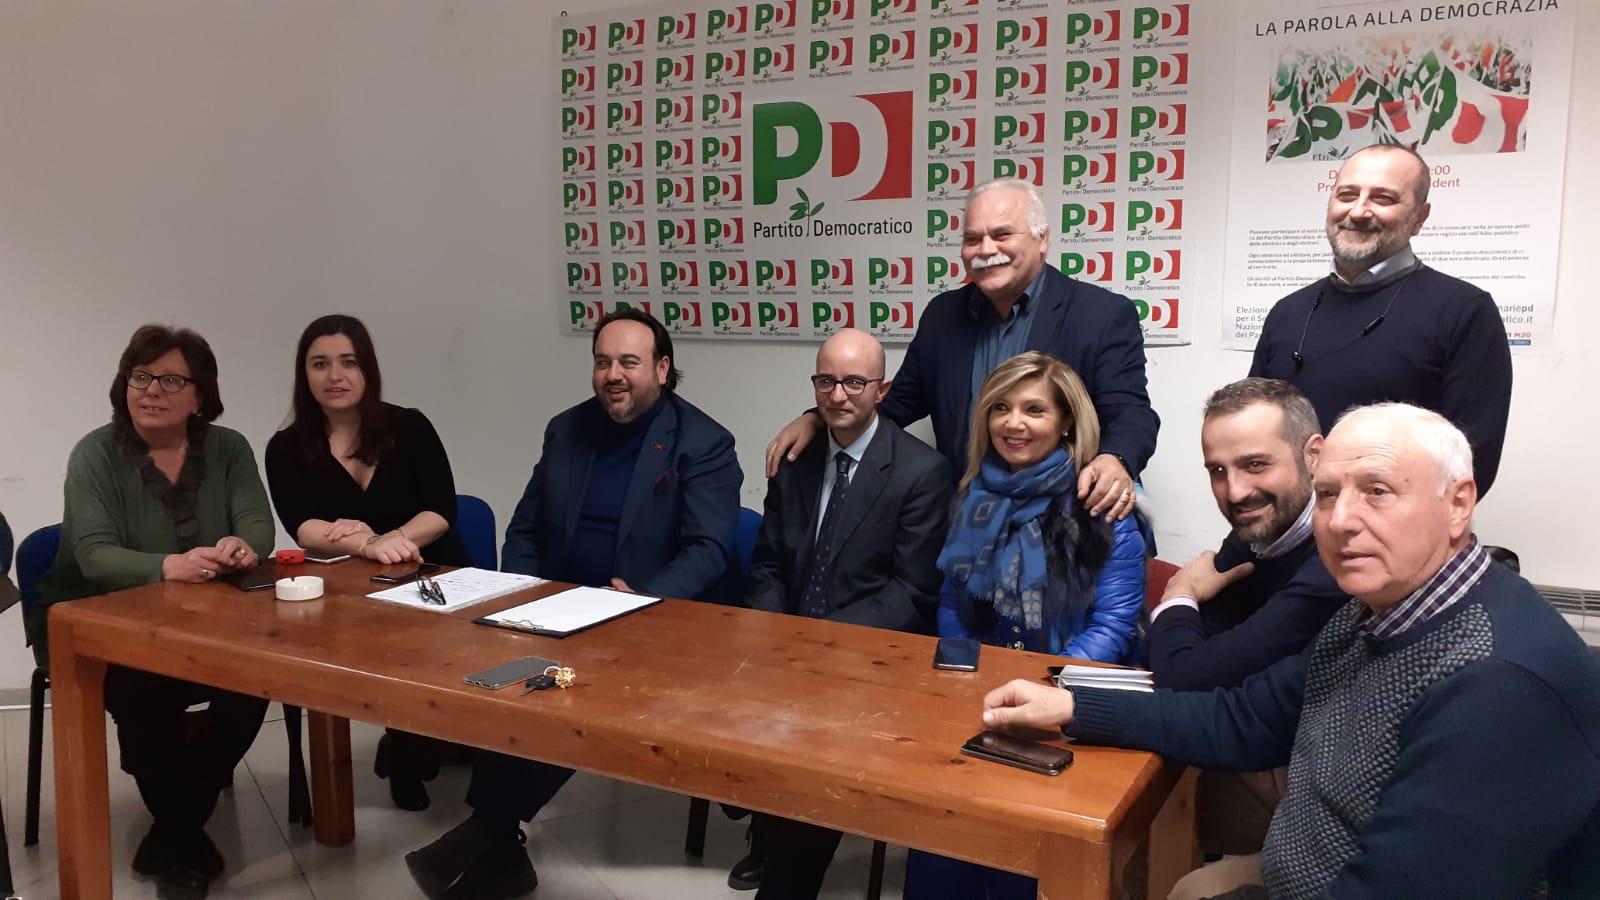 Benevento| Riunito l'interpartitico al PD